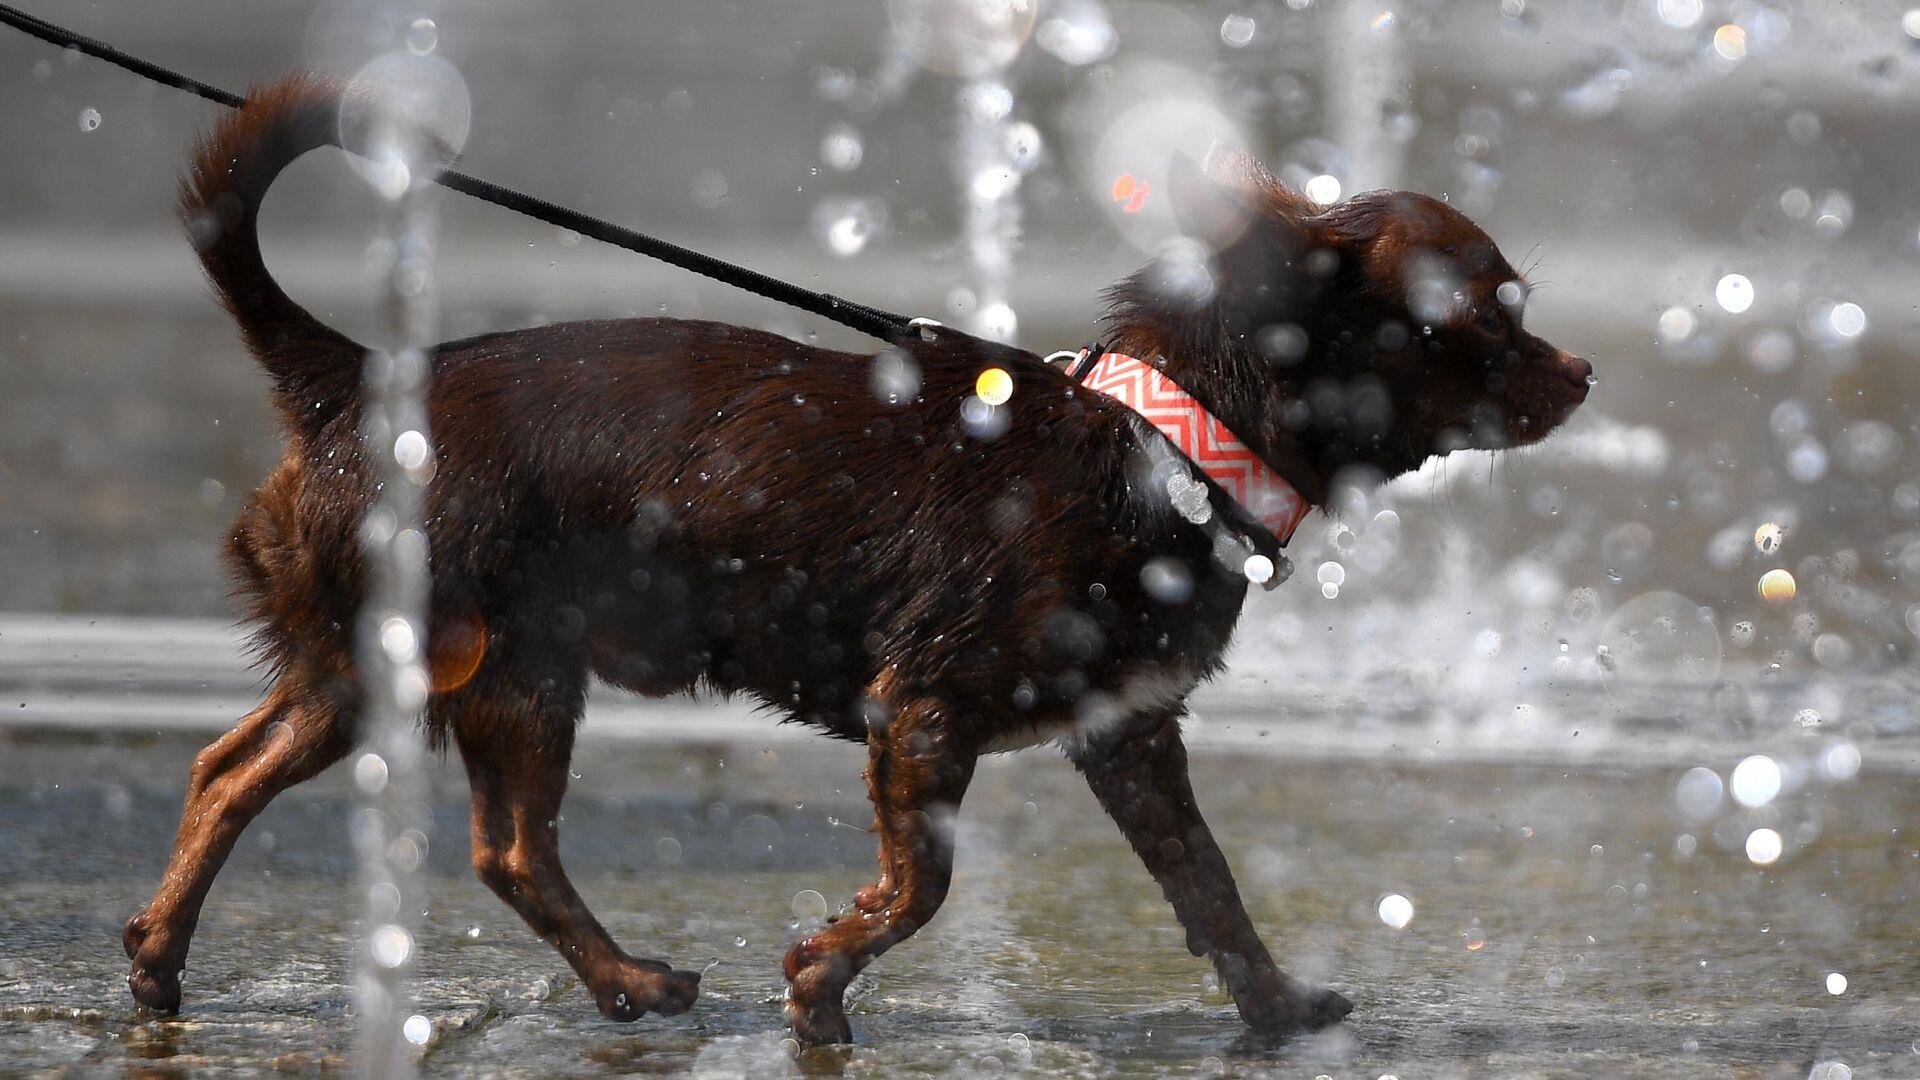 Собака гуляет в фонтанах в парке искусств Музеон - РИА Новости, 1920, 02.09.2021